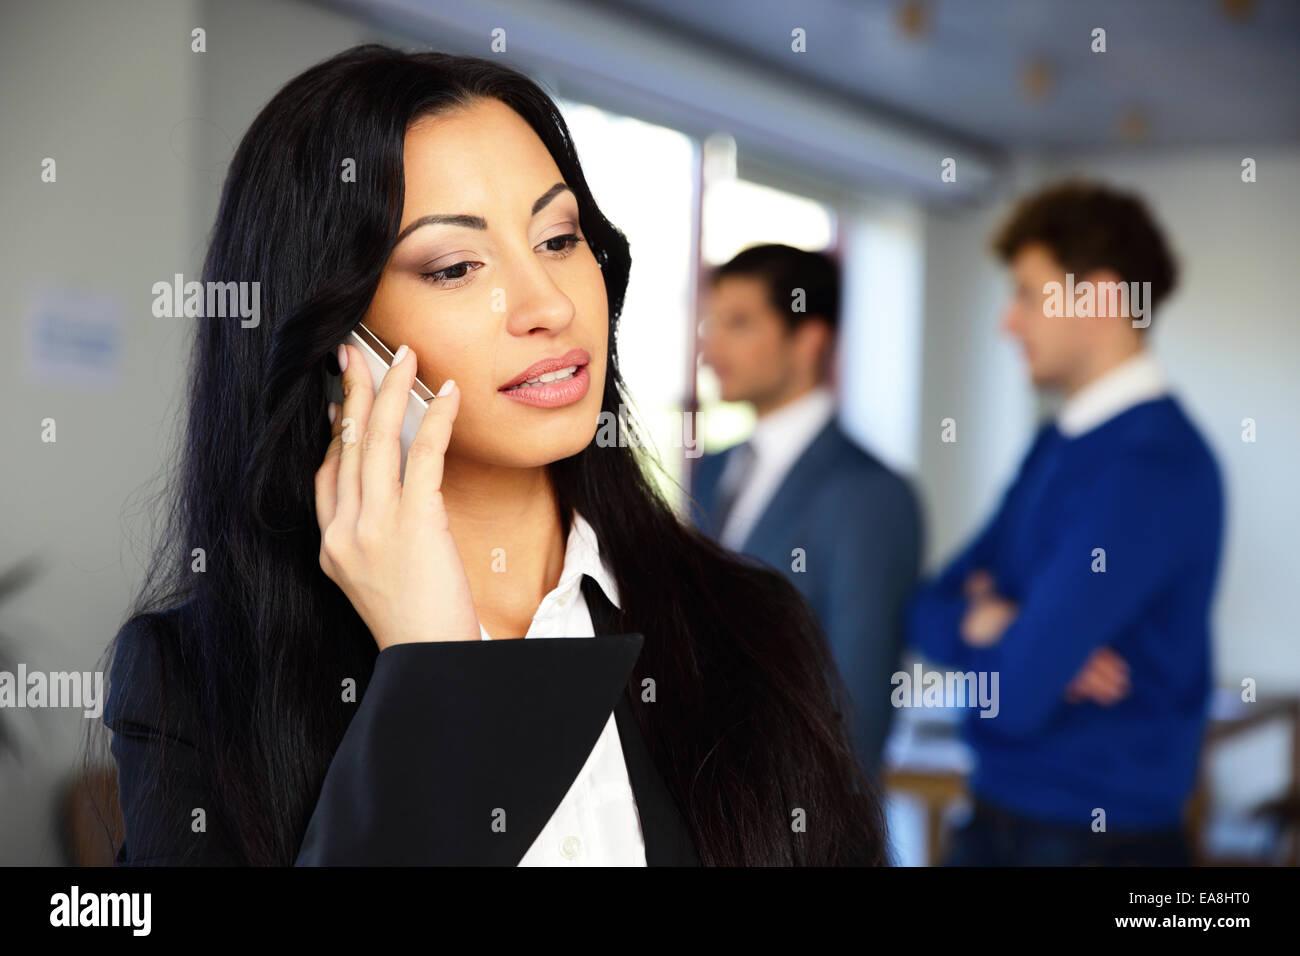 Ernsthafte Geschäftsfrau mit Kolleginnen und Kollegen im Hintergrund am Telefon sprechen Stockbild